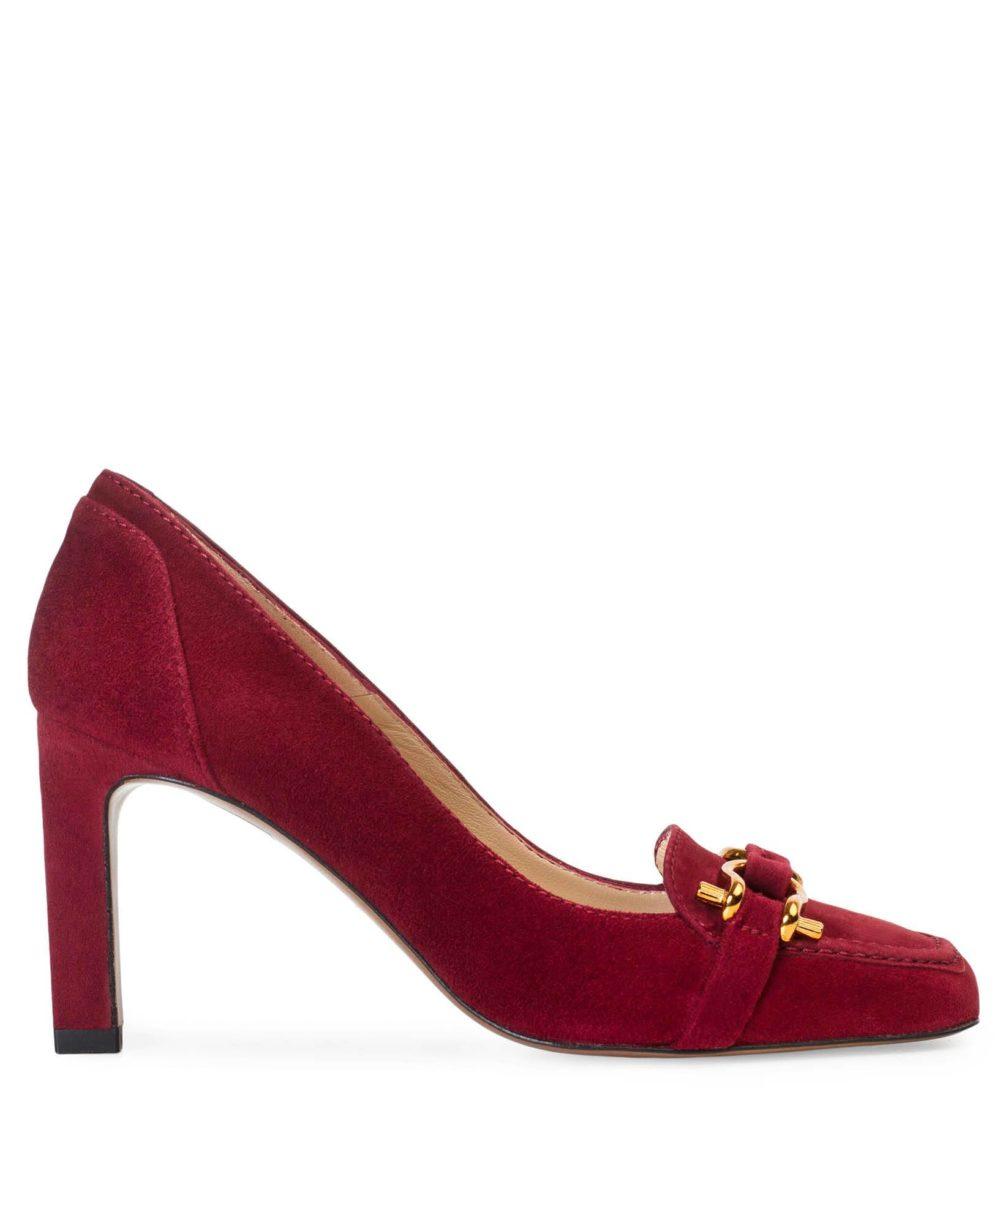 Zapatos de piel Paco Gil -P-3871 Wine Suede P